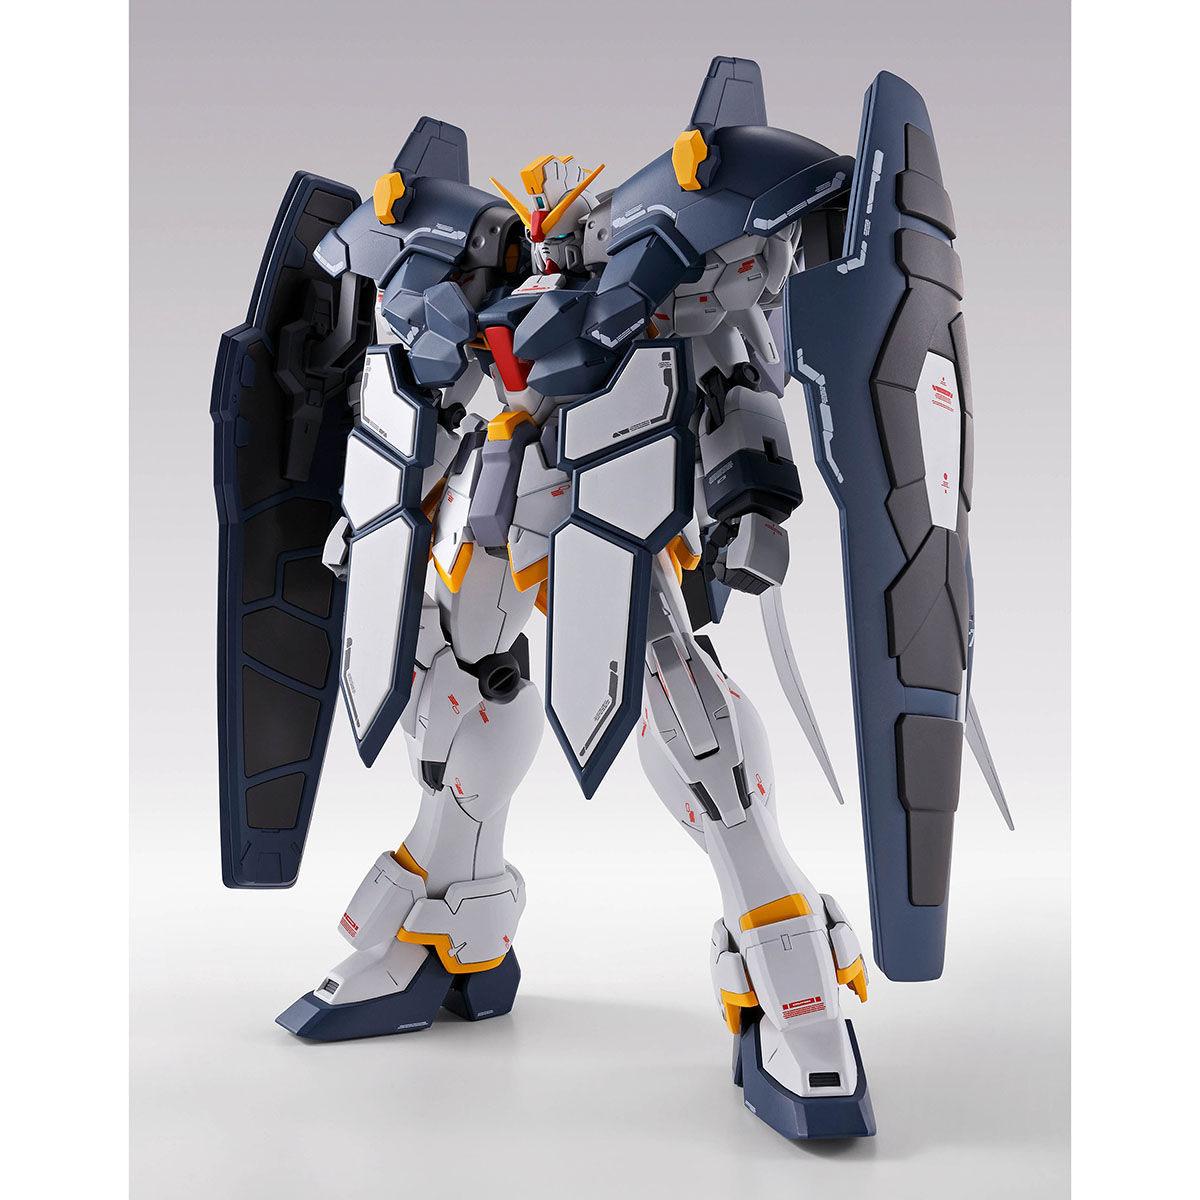 【限定販売】MG 1/100『ガンダムサンドロックEW(アーマディロ装備)』ガンダムW プラモデル-002